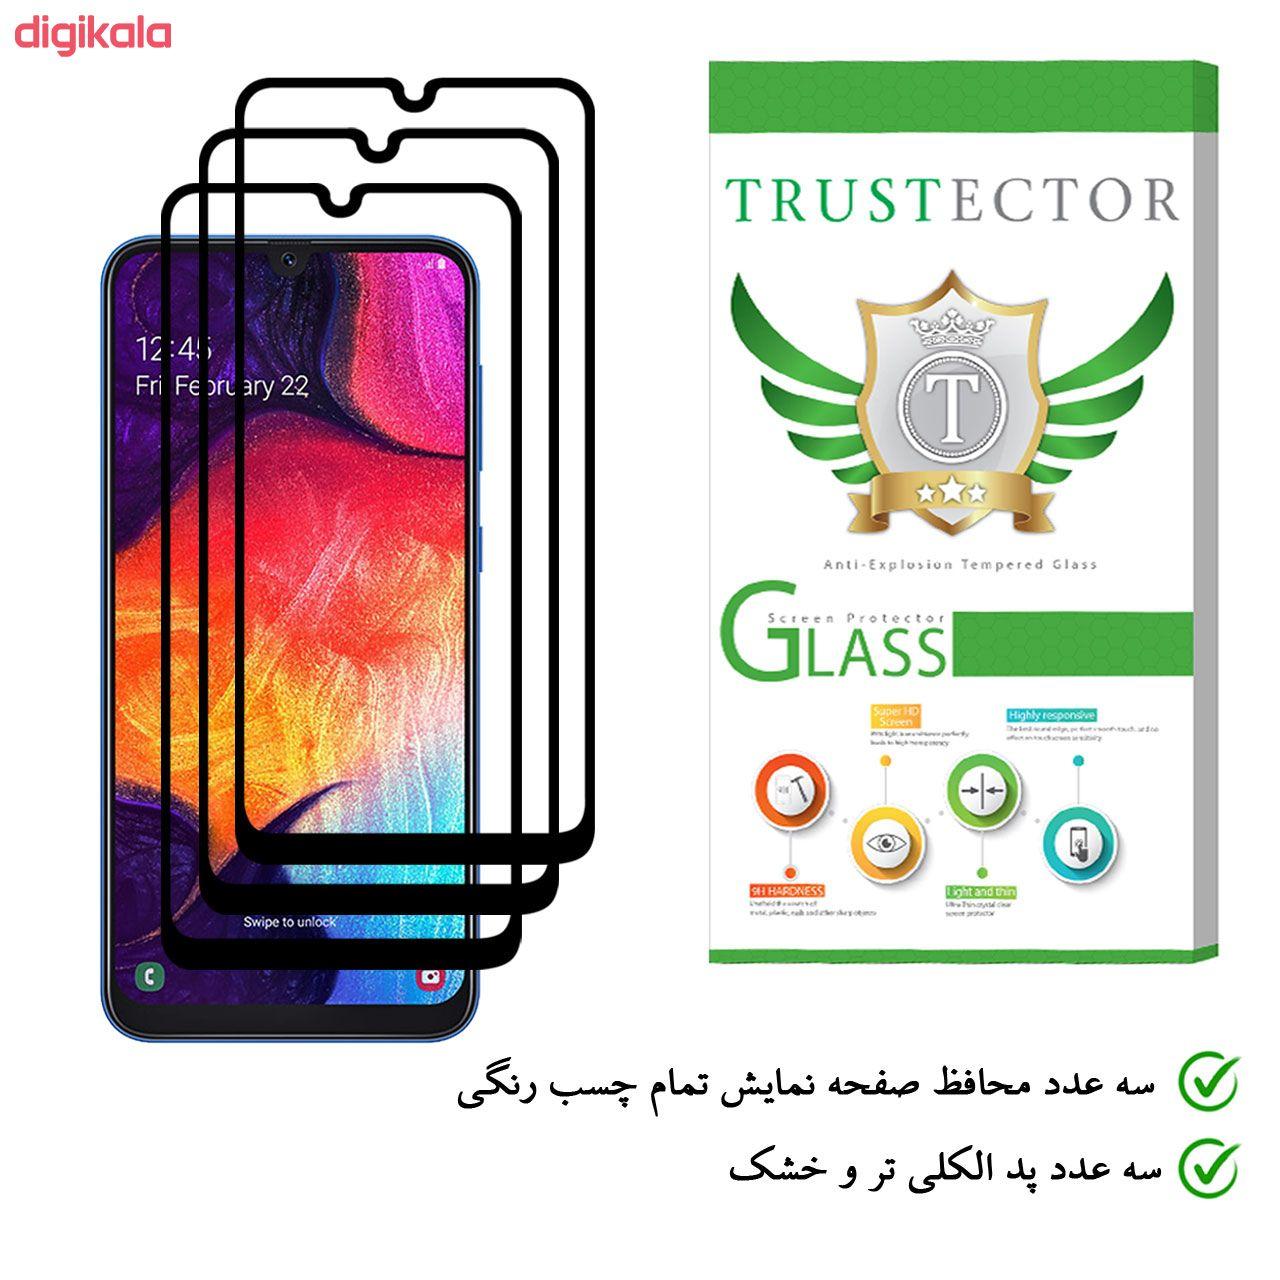 محافظ صفحه نمایش تراستکتور مدل GSS مناسب برای گوشی موبایل سامسونگ Galaxy A50 بسته 3 عددی main 1 1